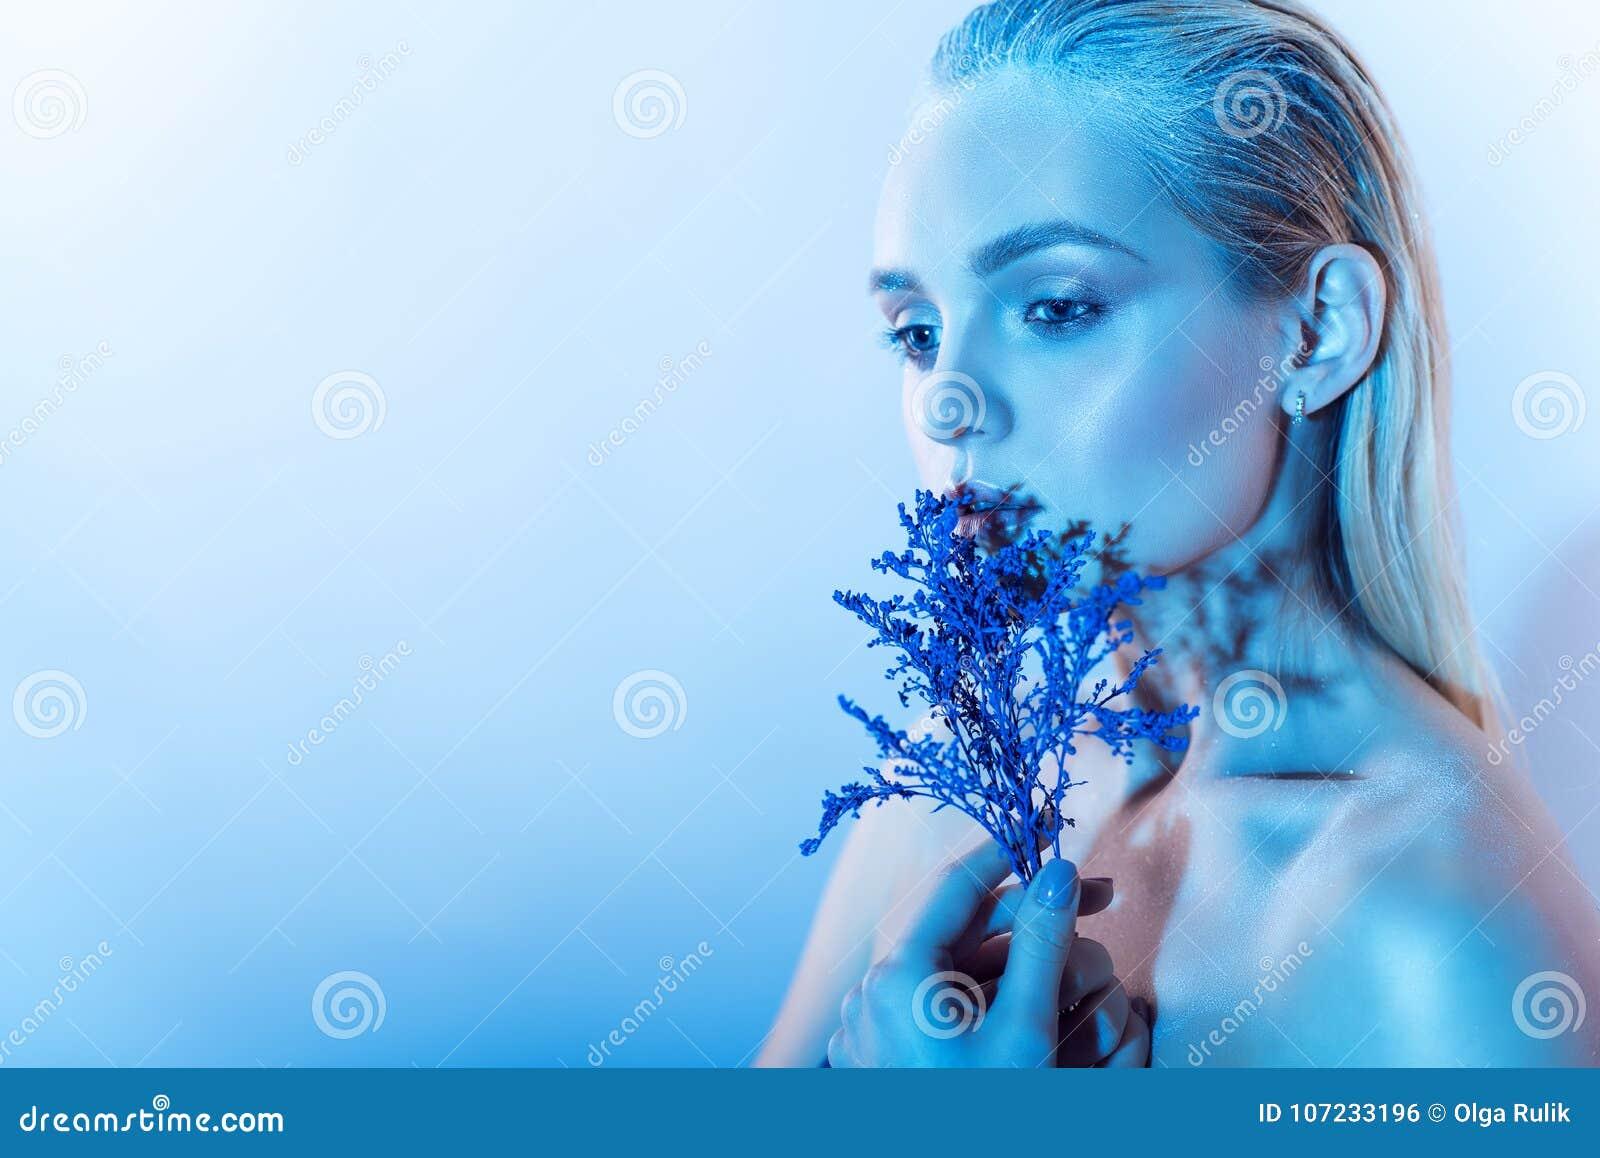 Sluit portret van jong mooi blond model met naakt maken omhoog, slicked omhoog achterhaar houdend een tak van blauwe bloemen